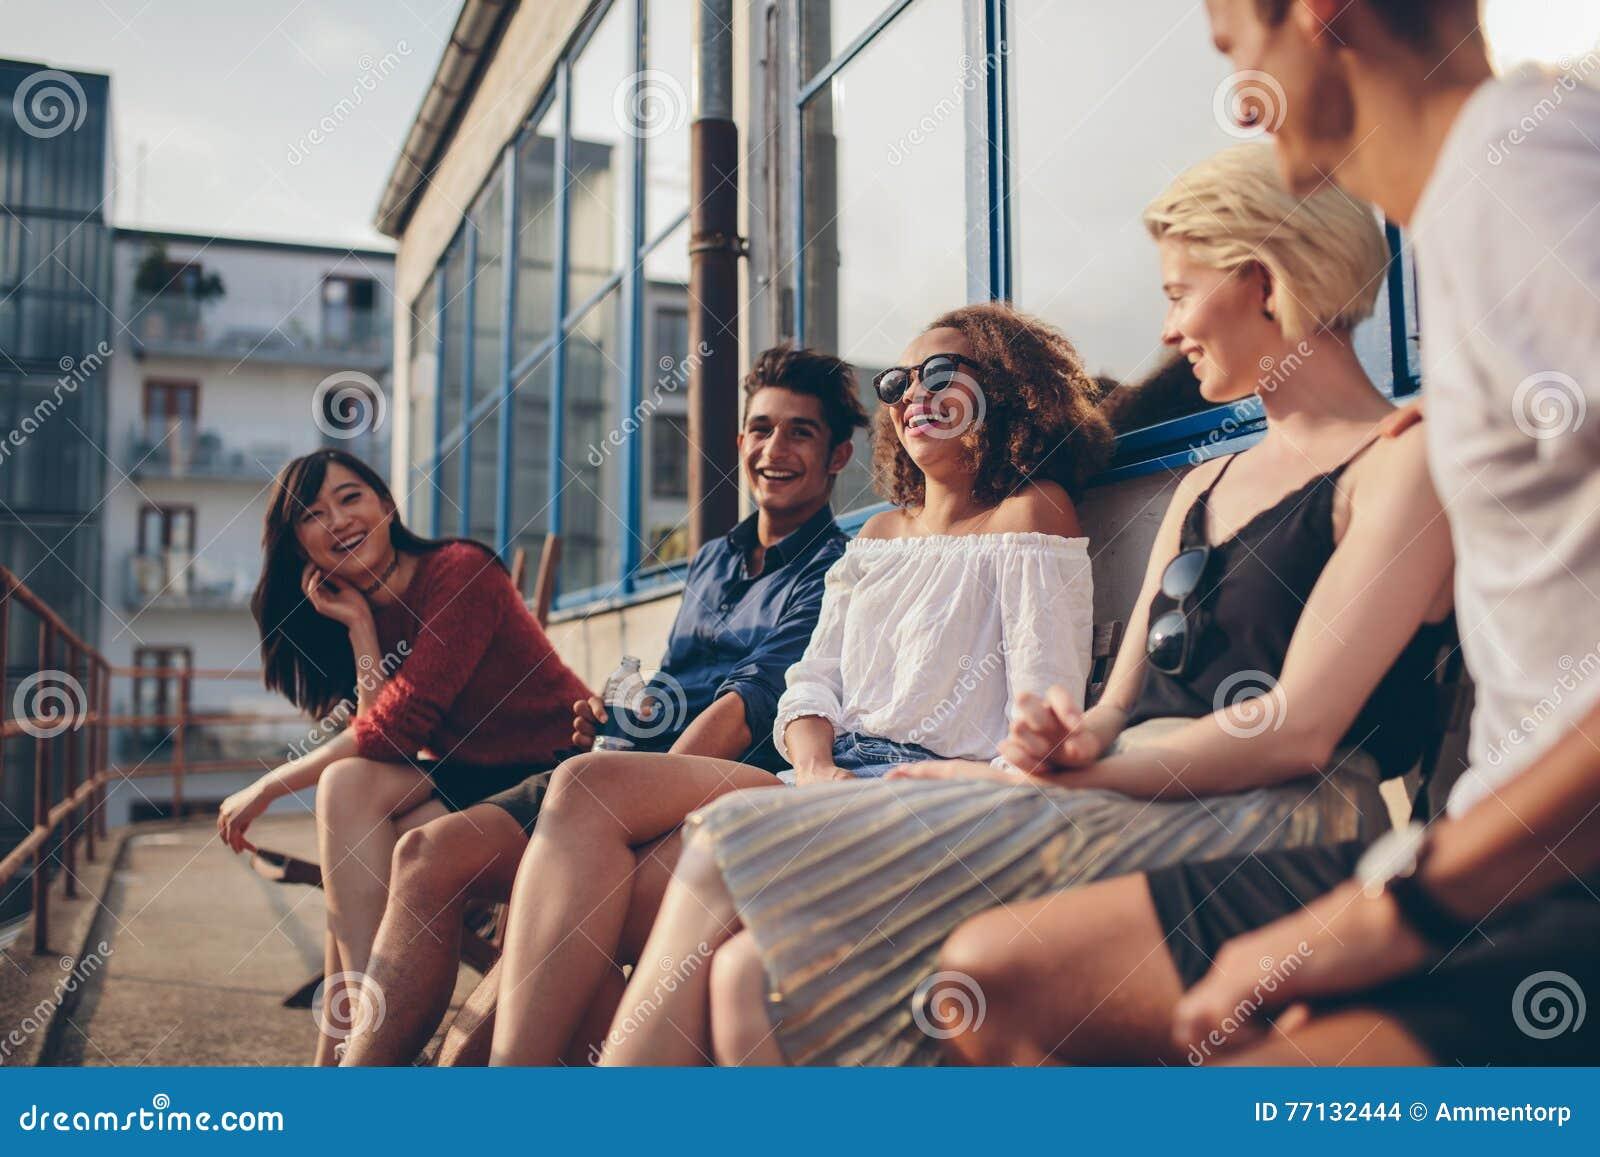 Grupo multirracial de amigos que se sientan en balcón y la sonrisa